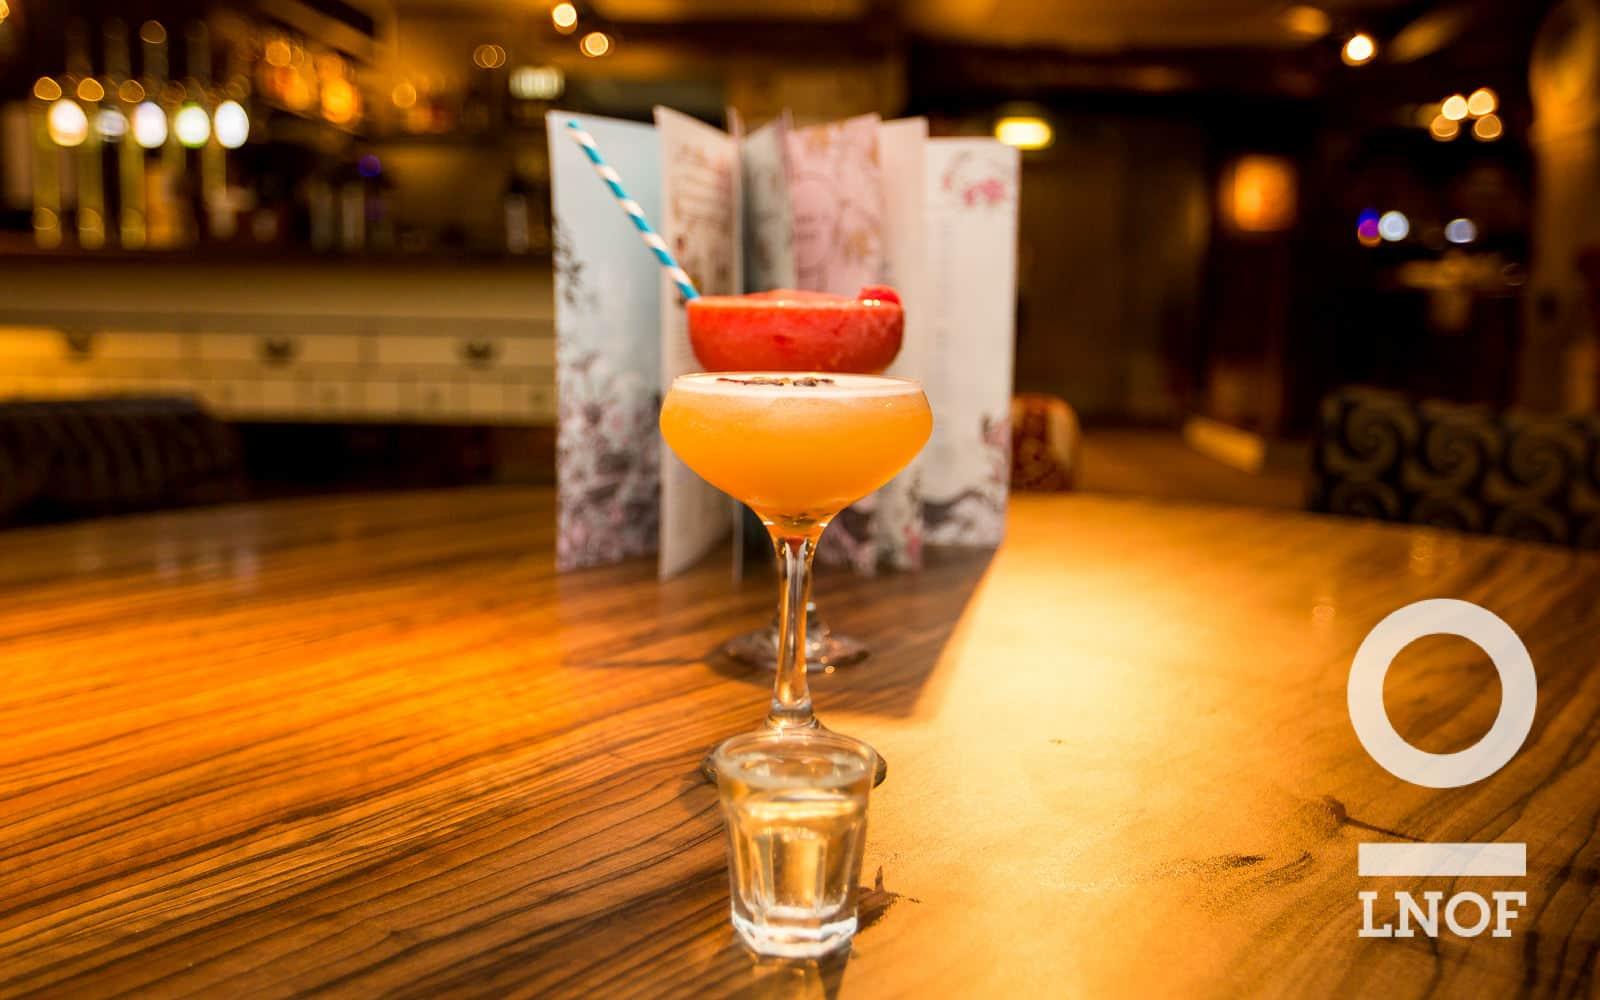 Porn Star Martini and Frozen Raspberry Daiquiri cocktails